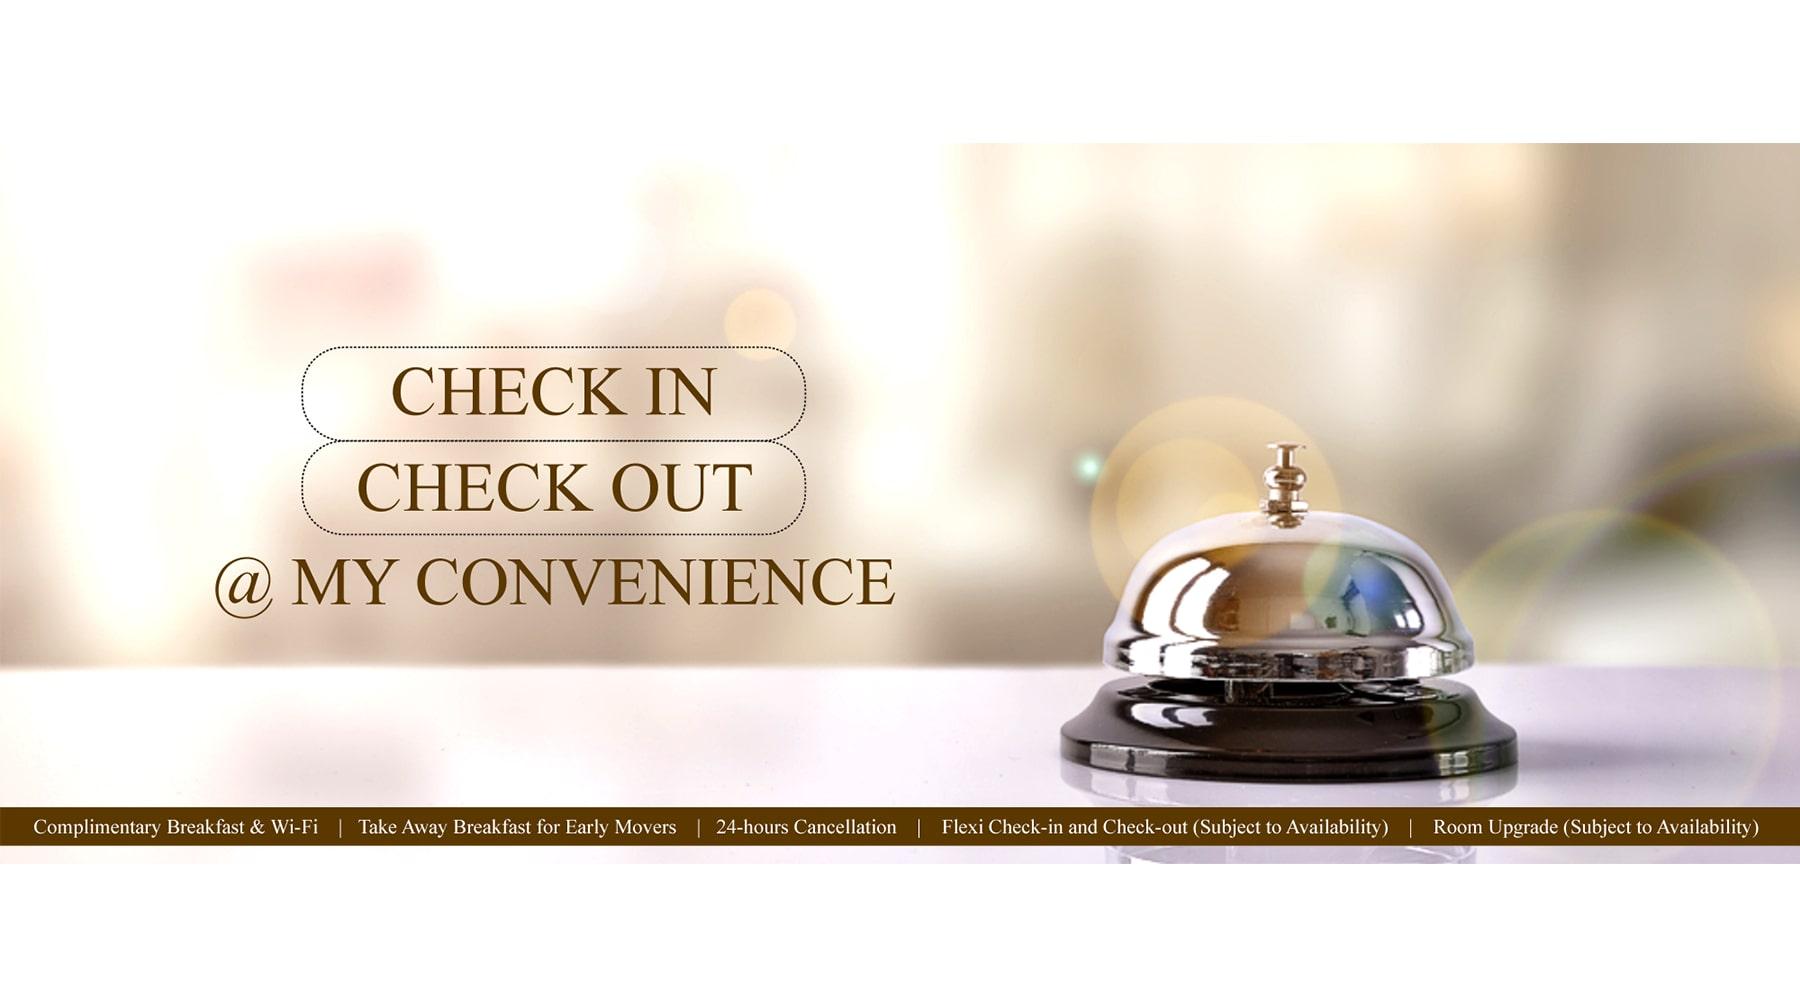 SVASTI Hotels and Resorts